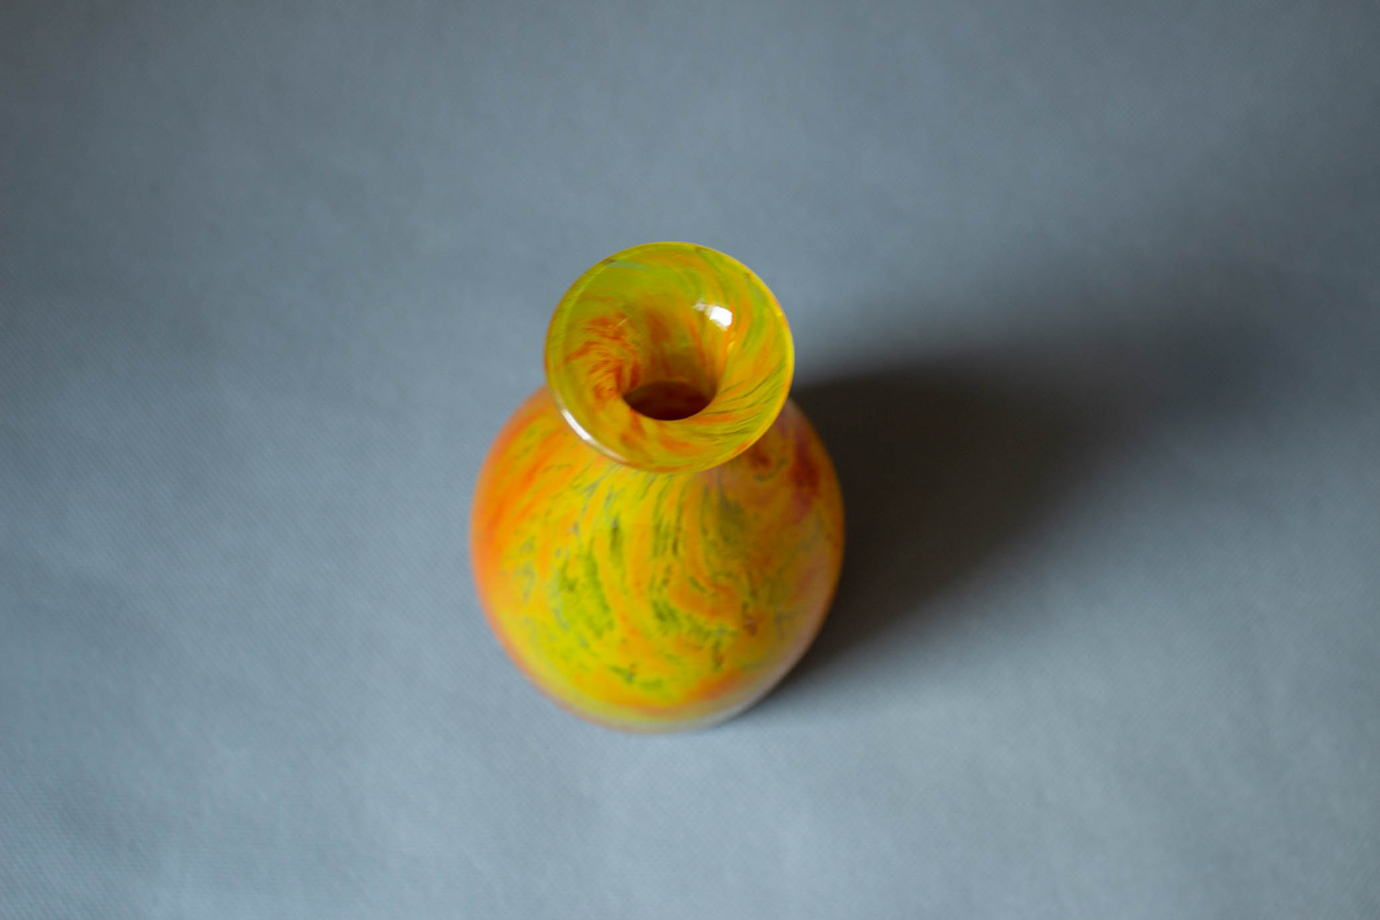 Многоцветная бутылочка. Дизайнер Йон Орвор Лаке, Швеция, 60-е гг.